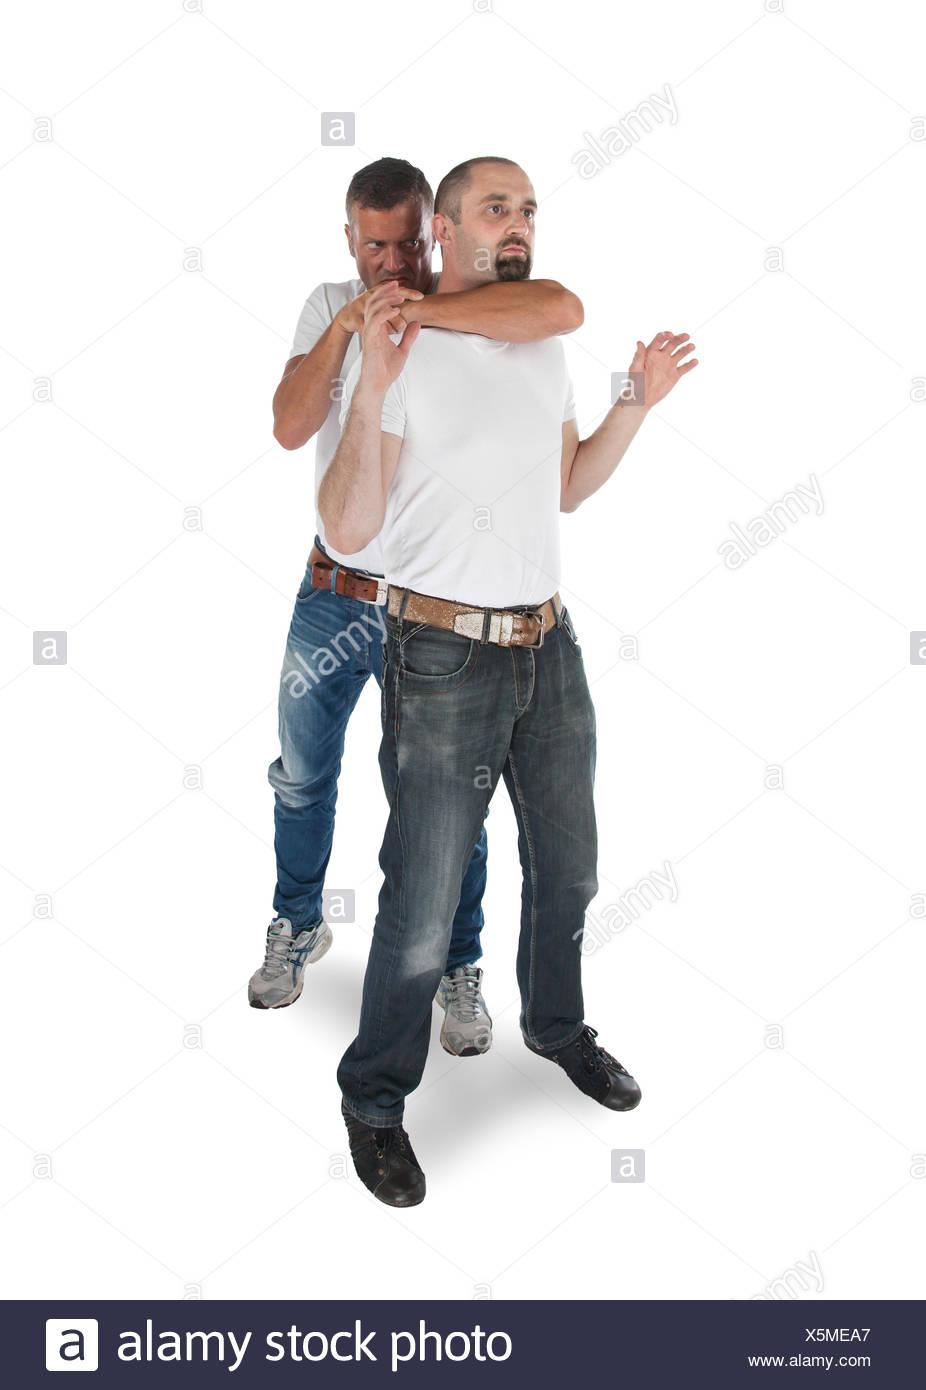 Man choking other man - Stock Image